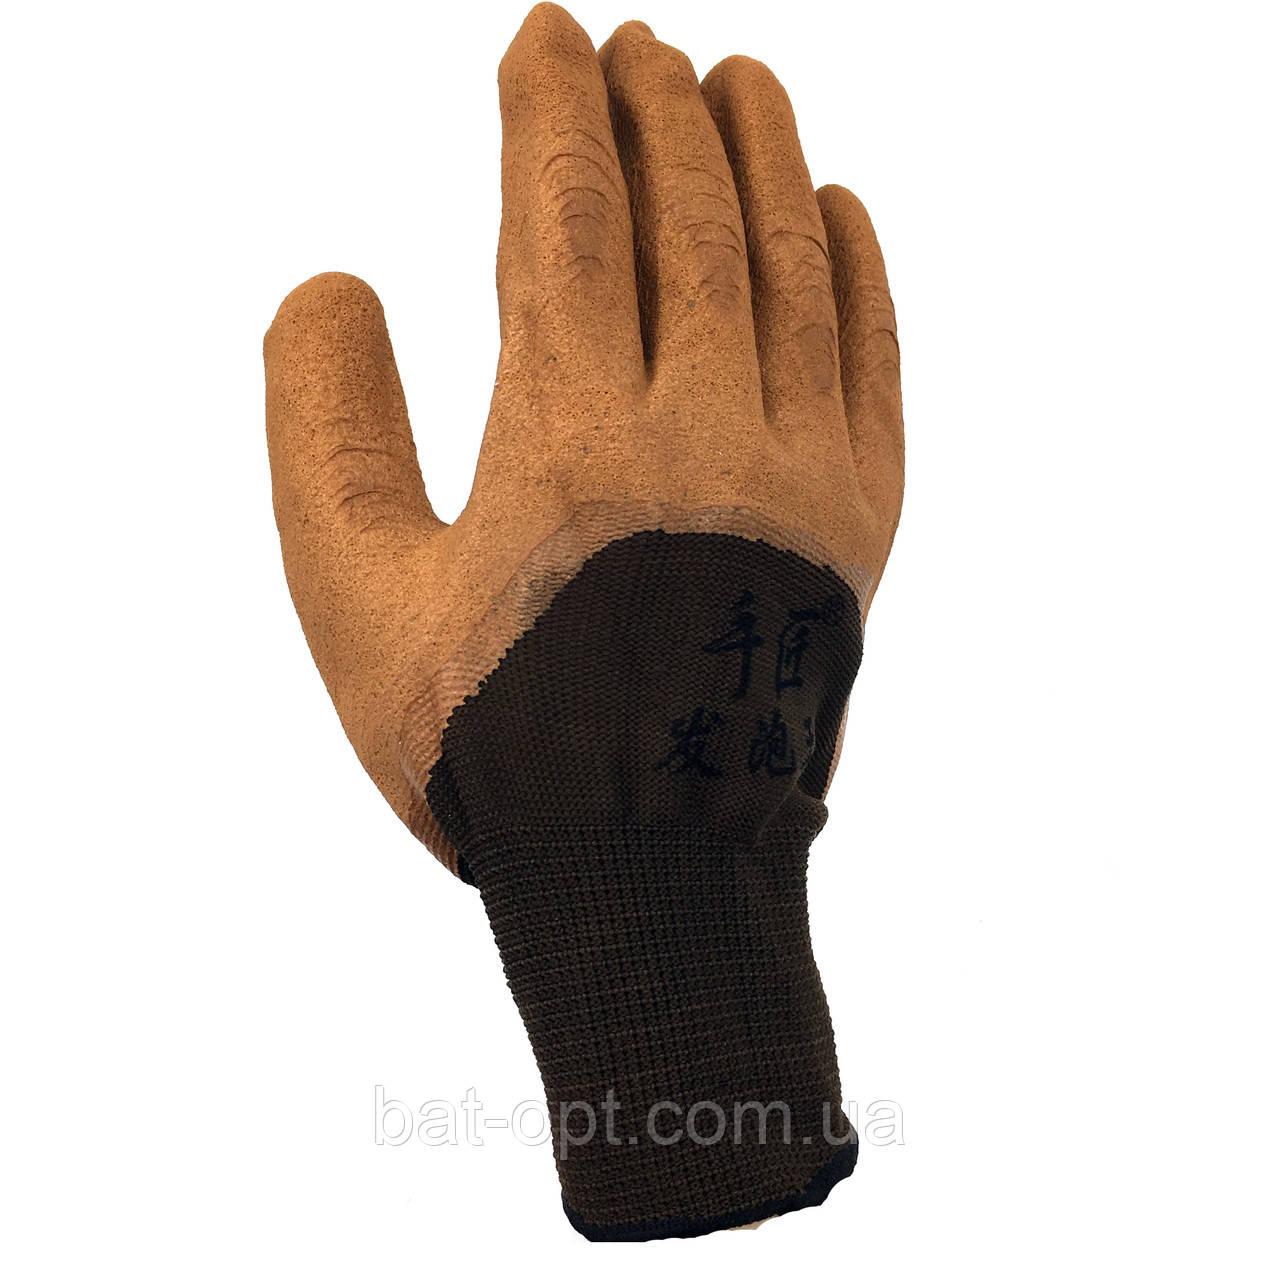 Перчатки рабочие 730 стрейч со вспененным полиуретановым покрытием